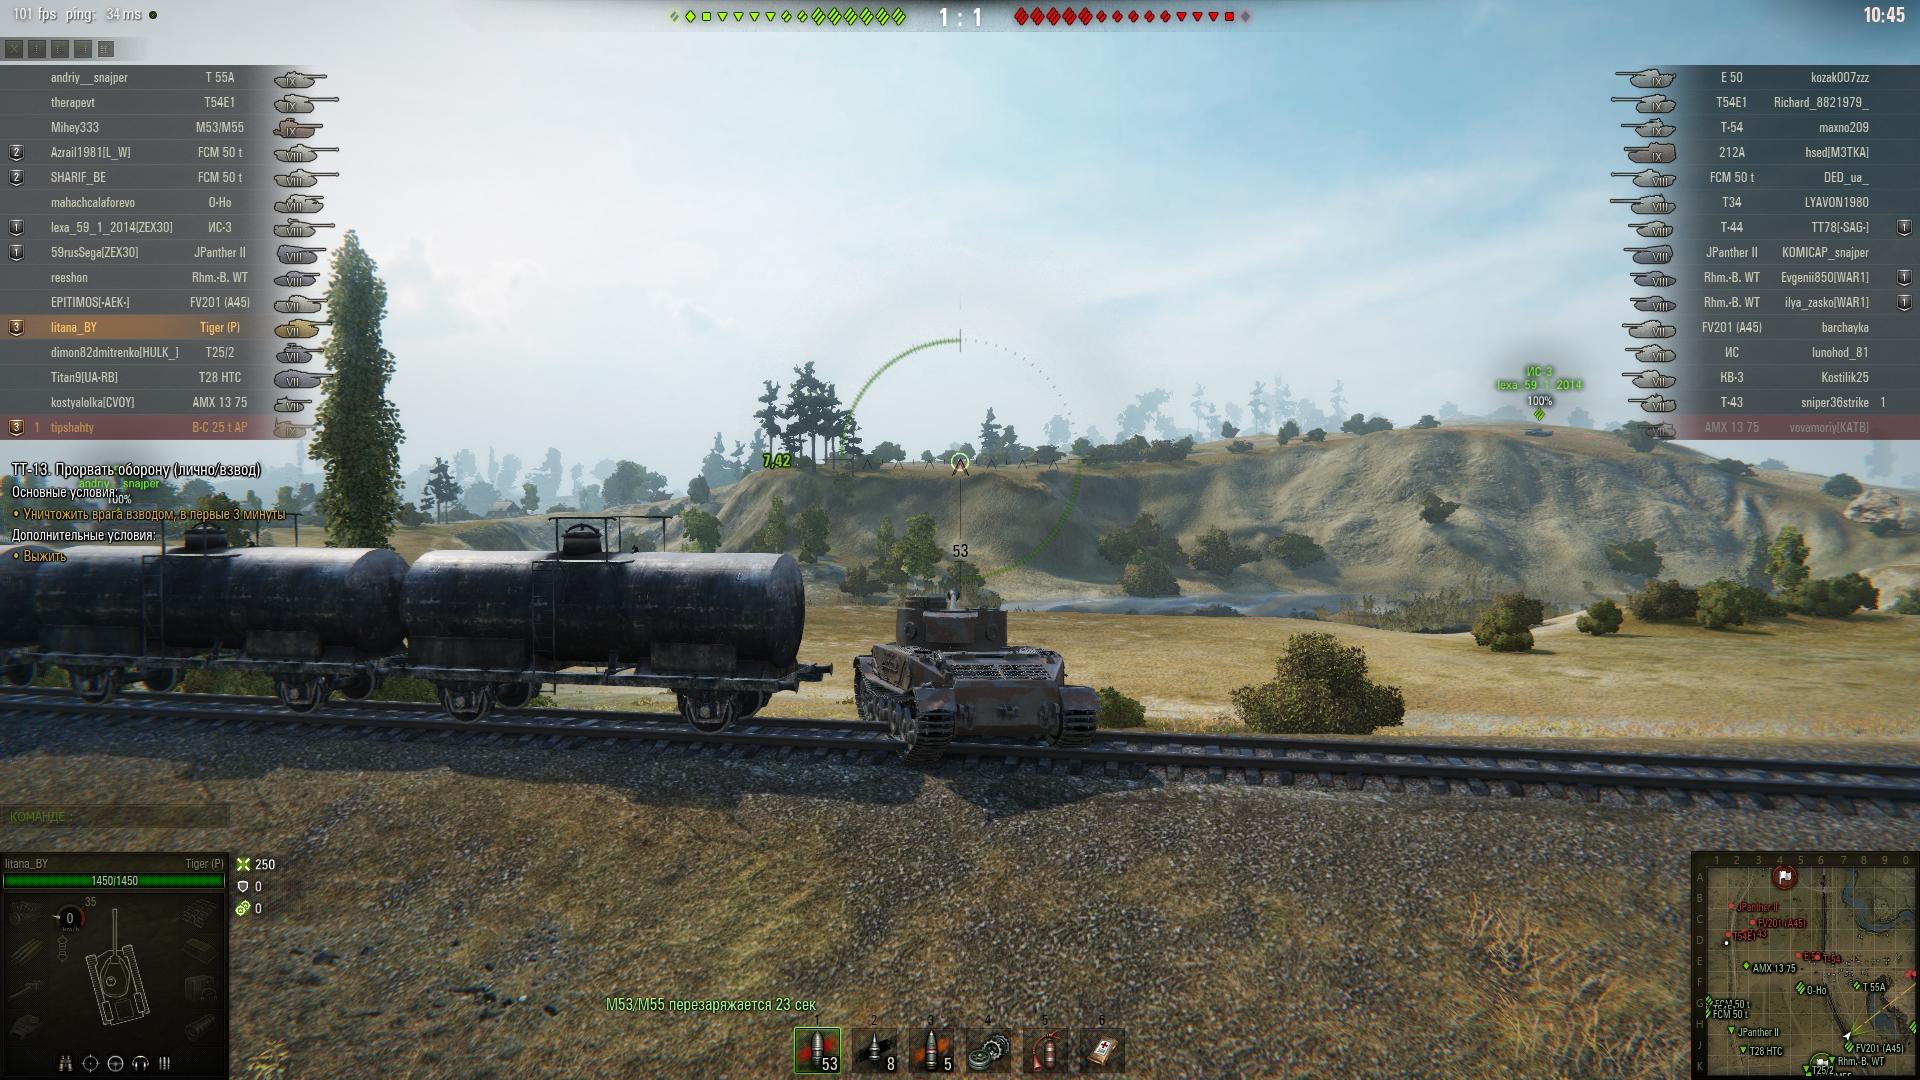 shot_006.jpg - World of Tanks